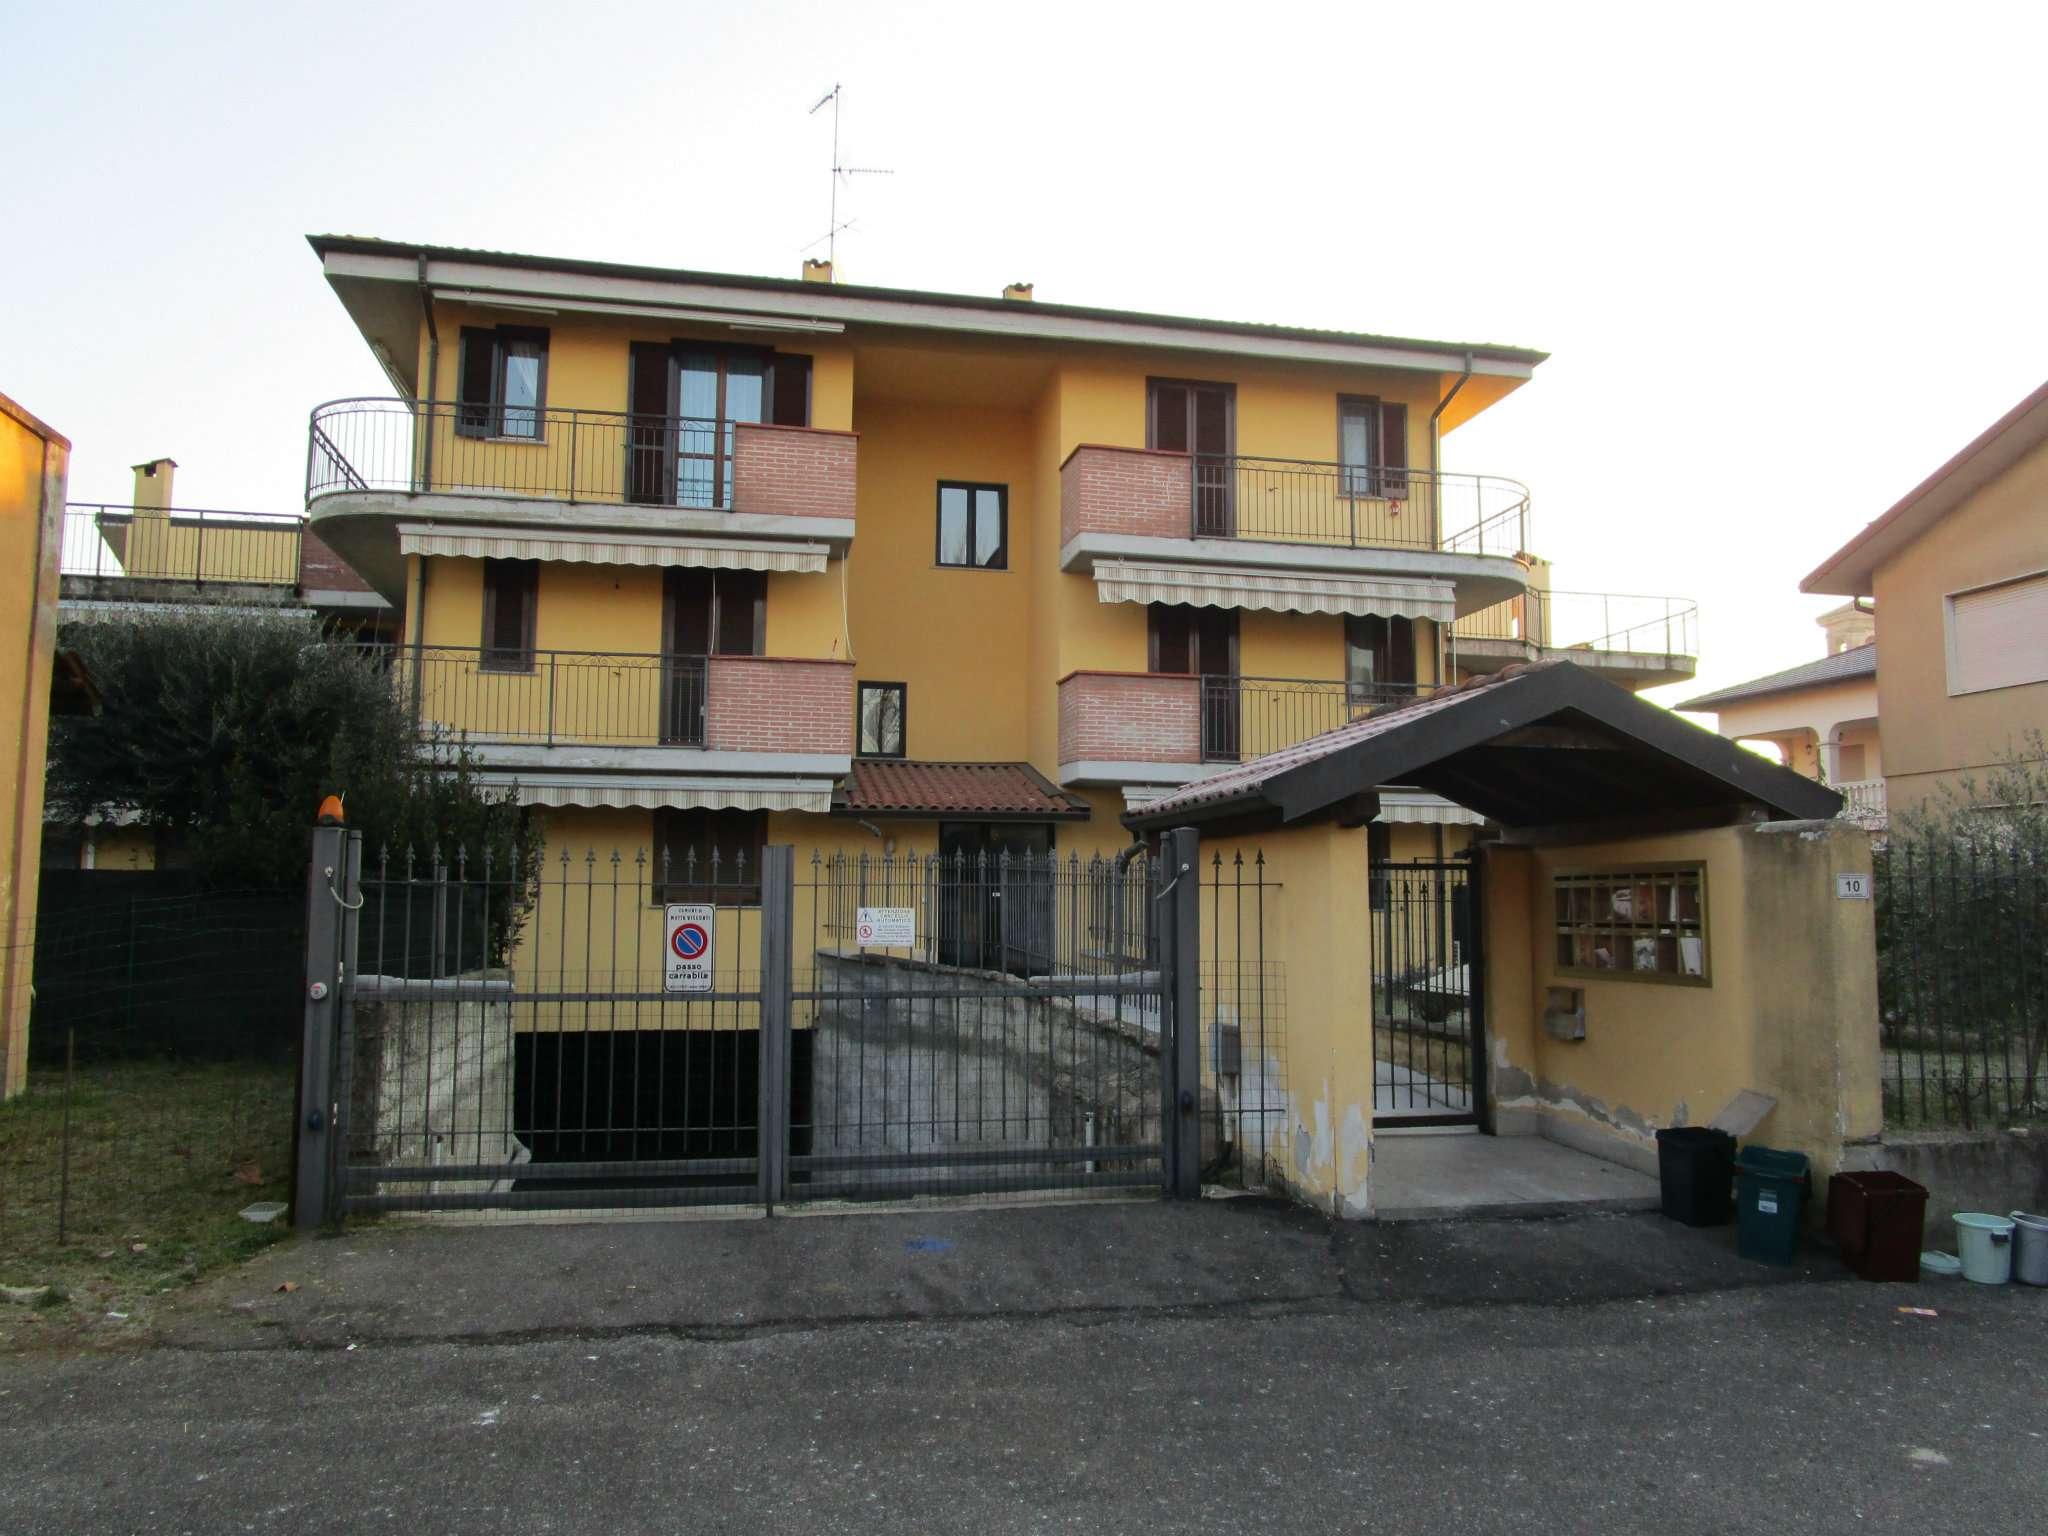 Appartamento in affitto a Motta Visconti, 3 locali, prezzo € 600 | Cambio Casa.it